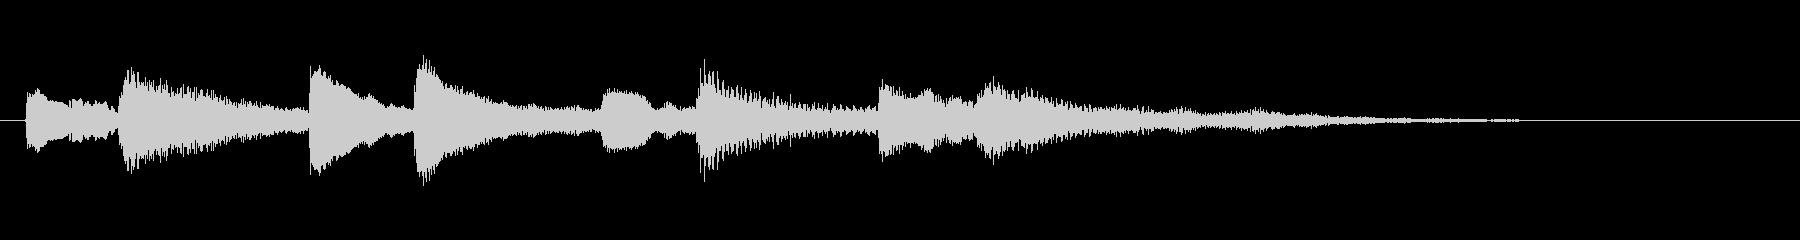 場面転換などにチアフルなピアノジングルの未再生の波形